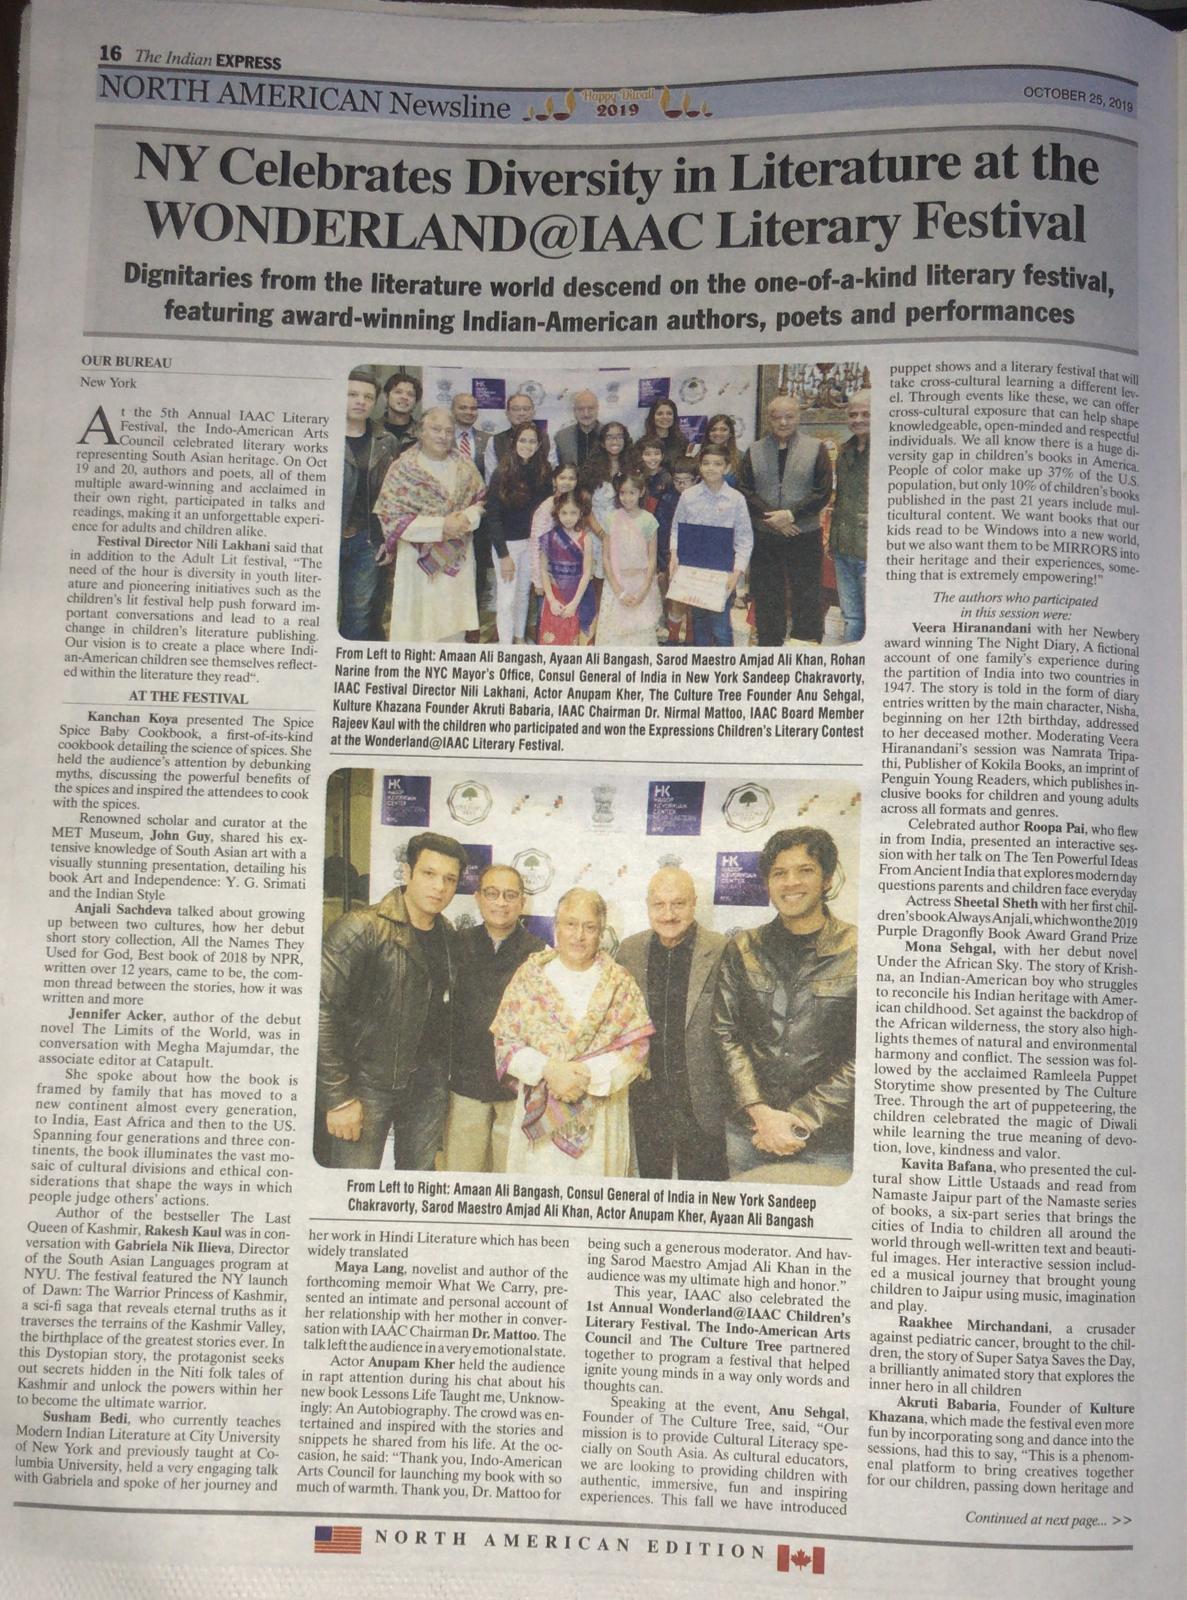 Wonderland@IAAC Literature Fest